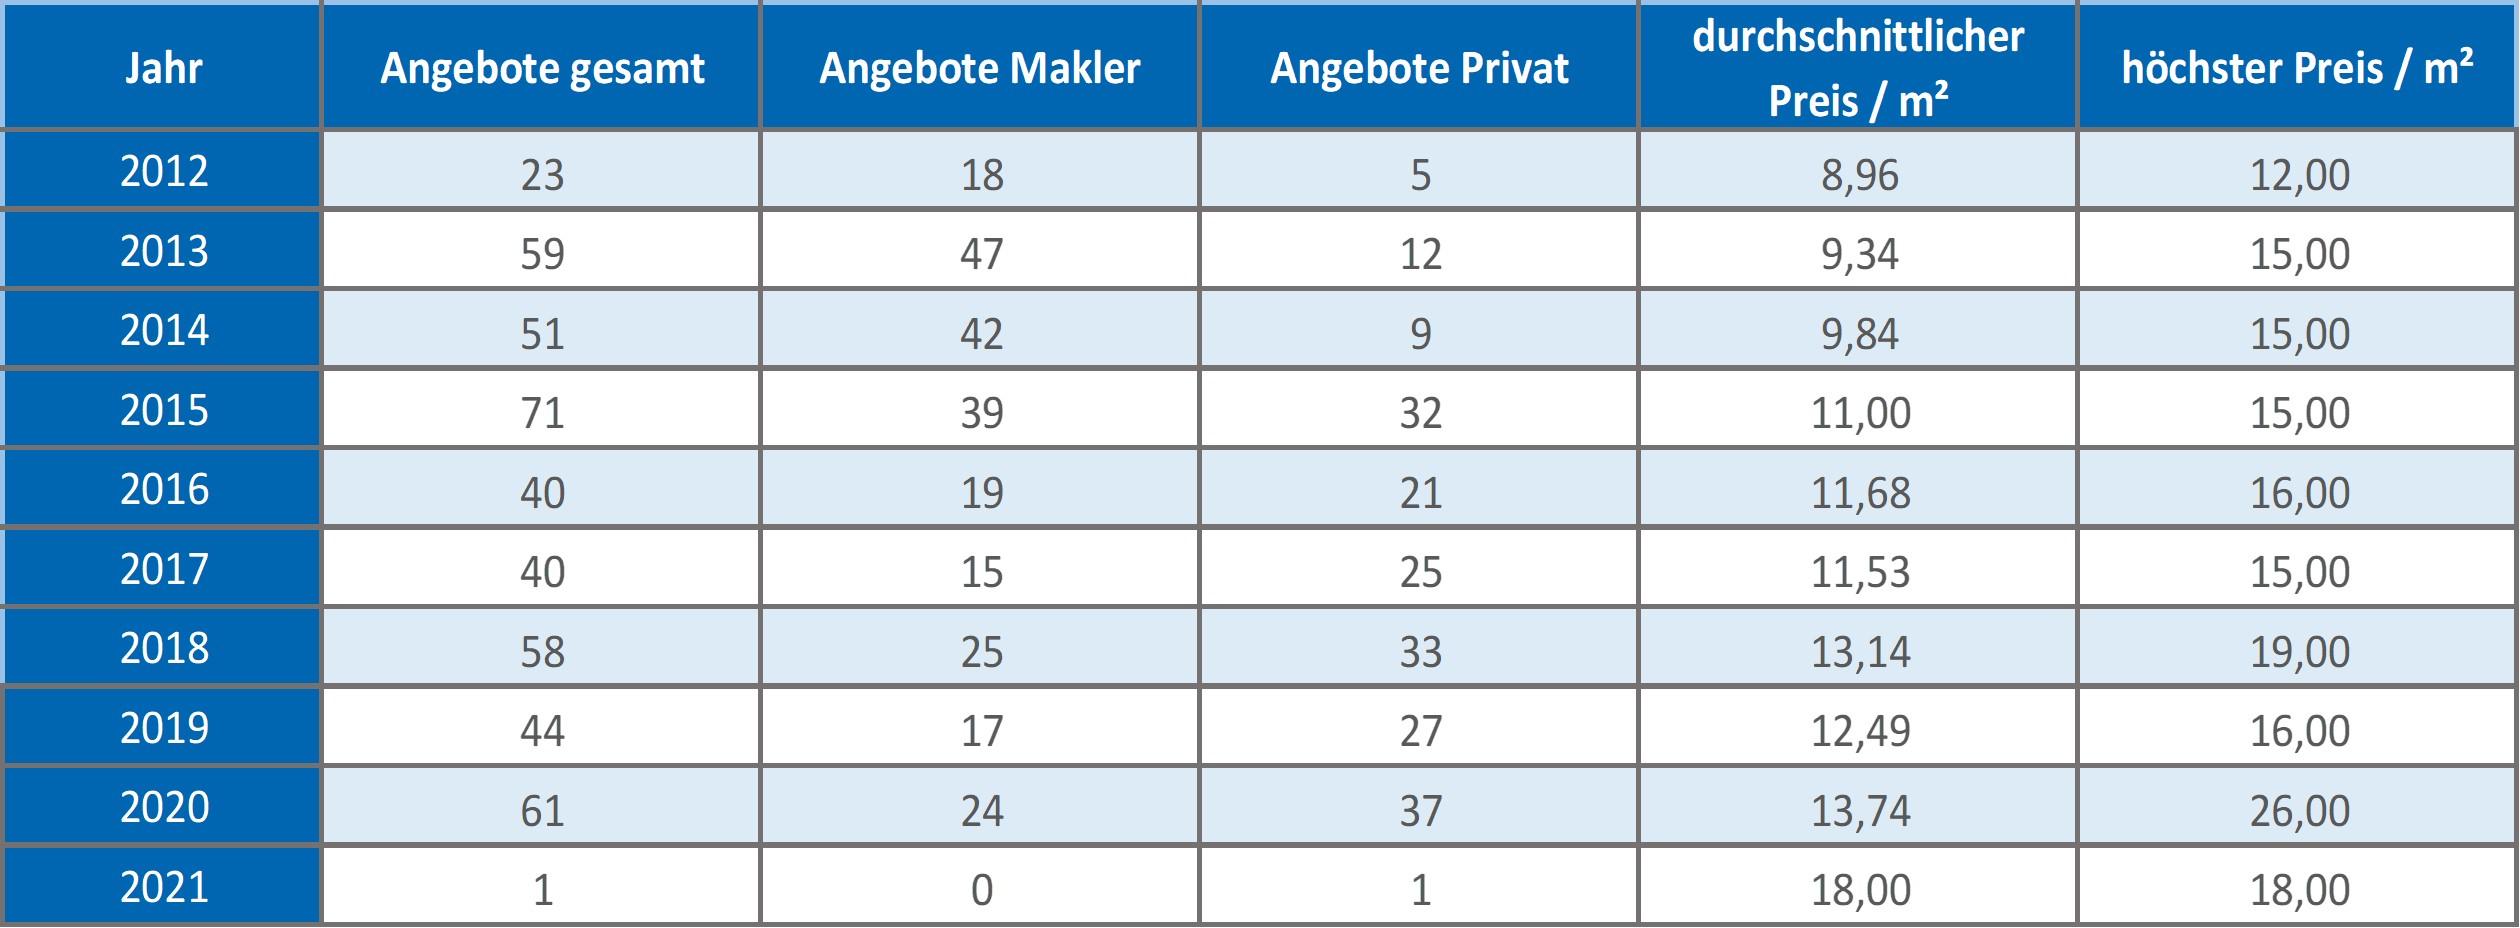 Fürstenfeldbruck Wohnung mieten vermieten Preis Bewertung Makler  2019 2020 2021 www.happy-immo.de